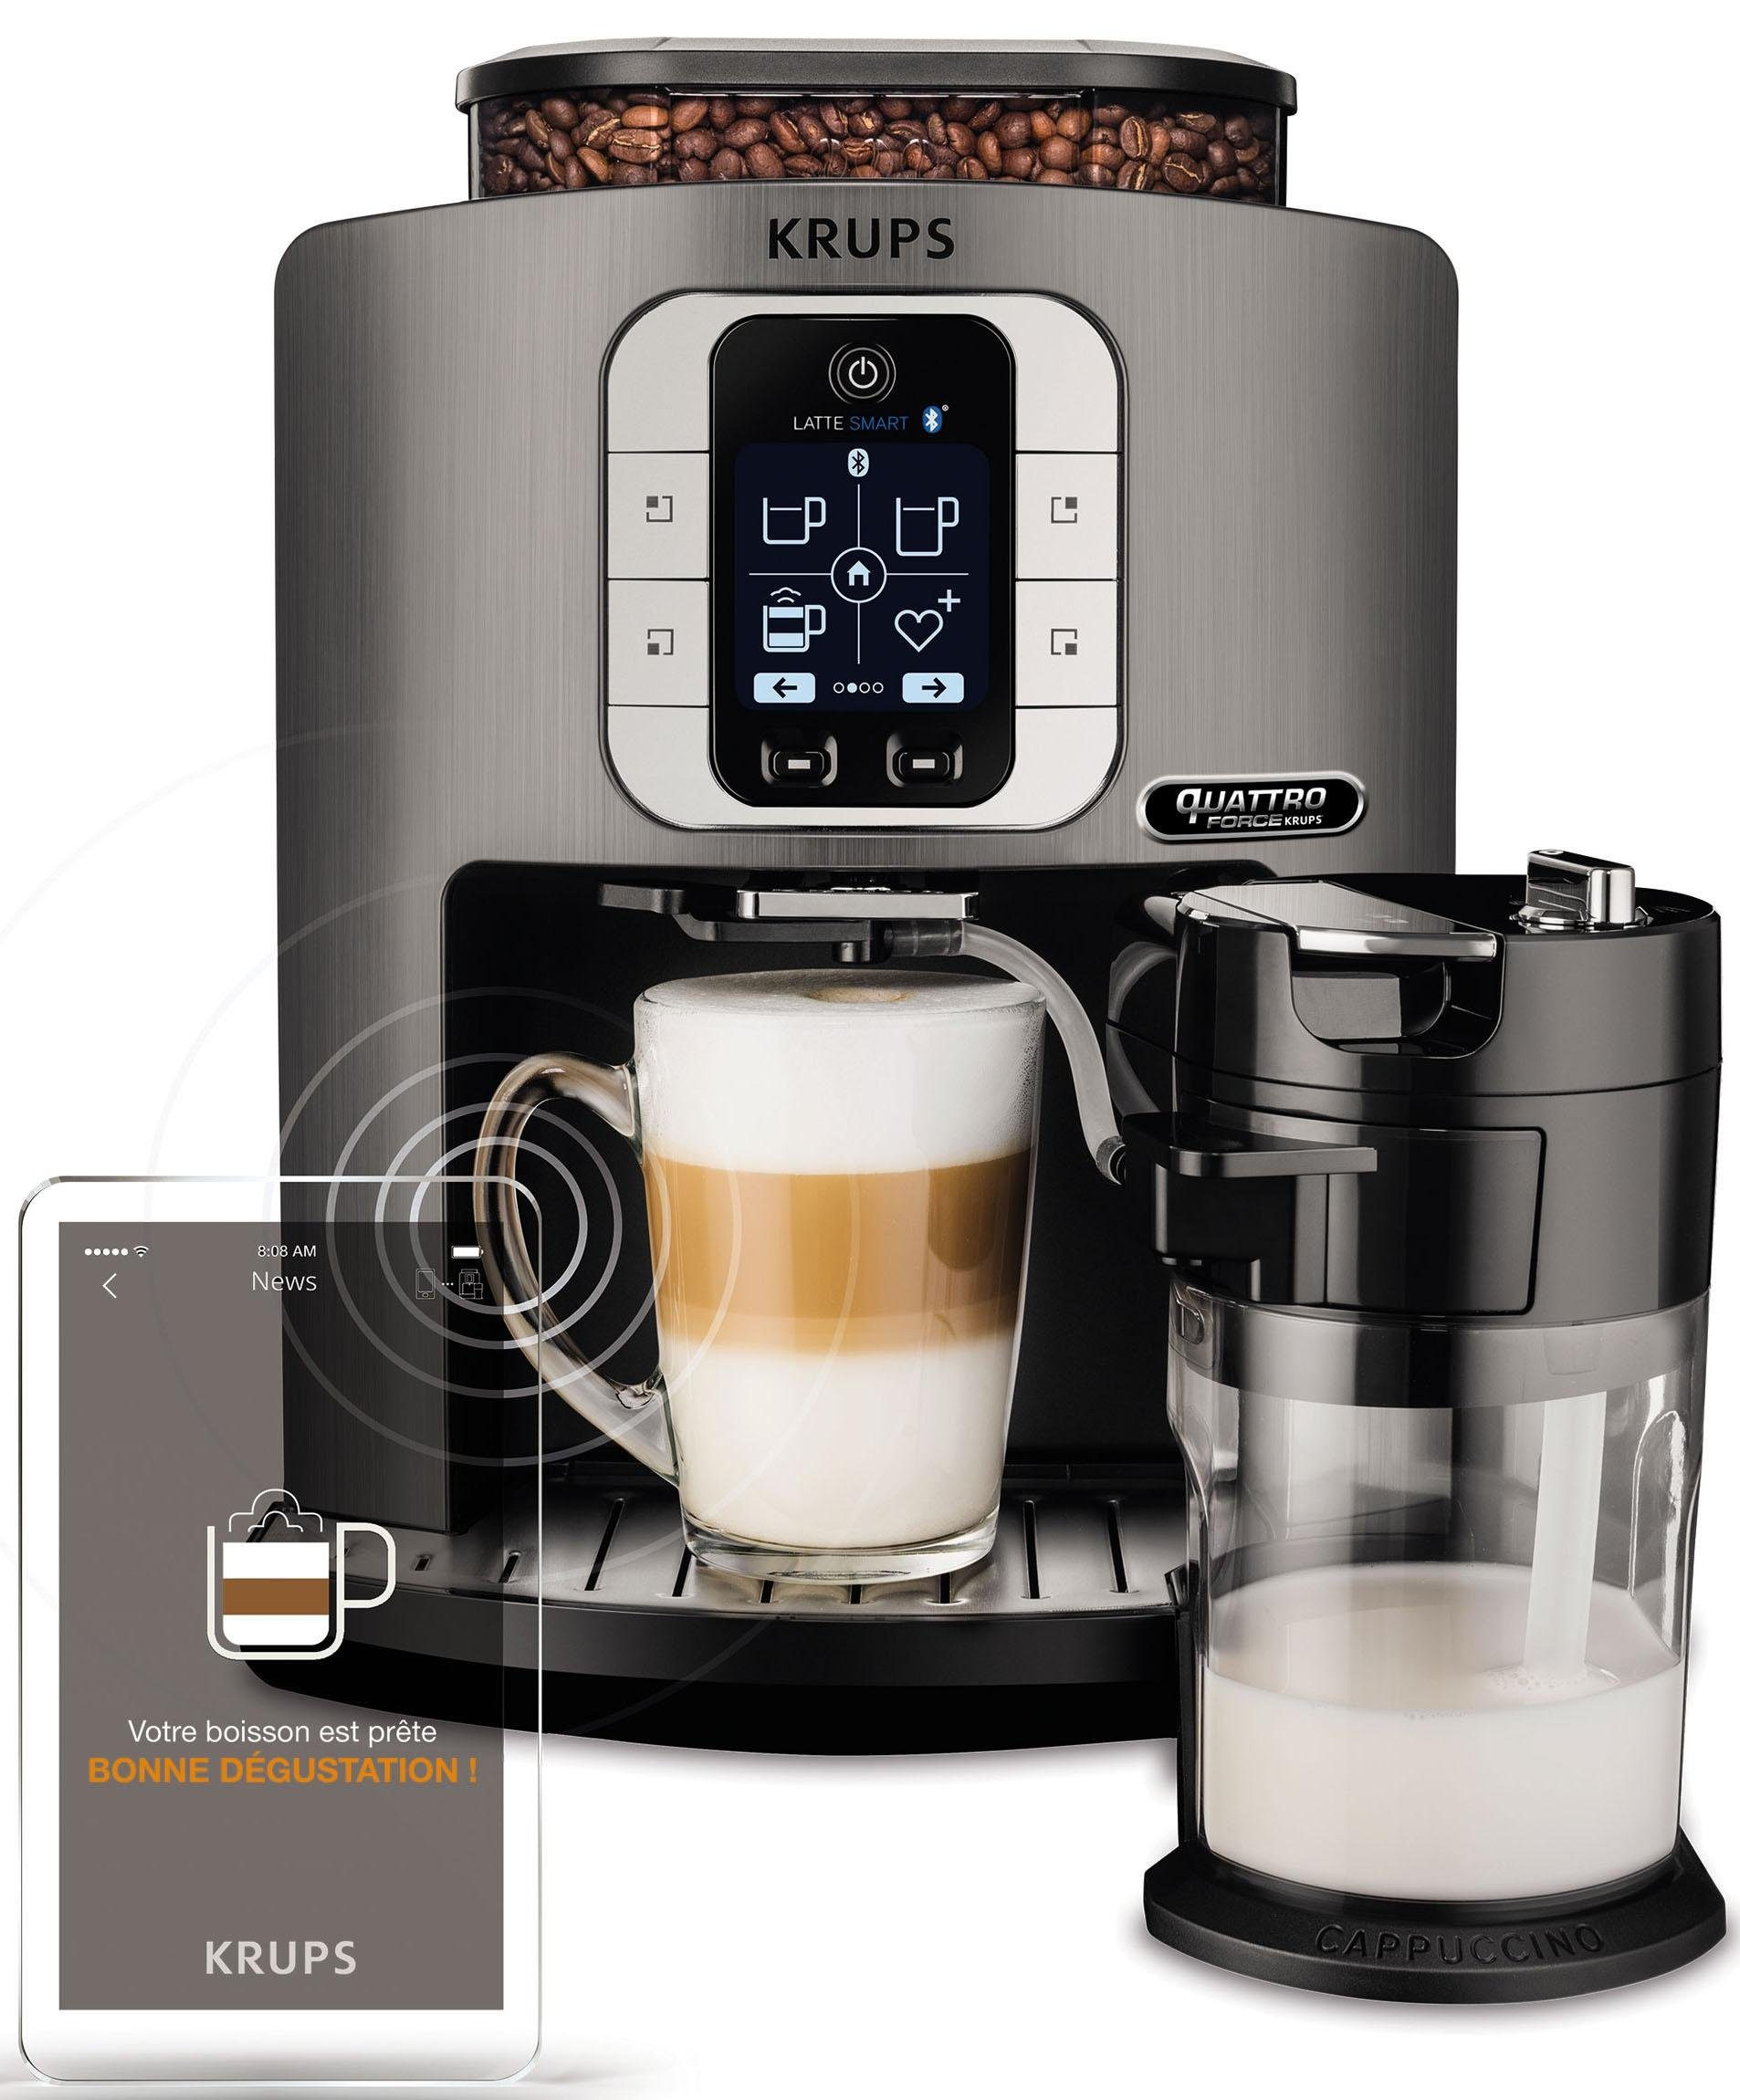 Krups Kaffeevollautomat EA860E Latte Smart, 1,8l Tank, Kegelmahlwerk, App-Steuerung